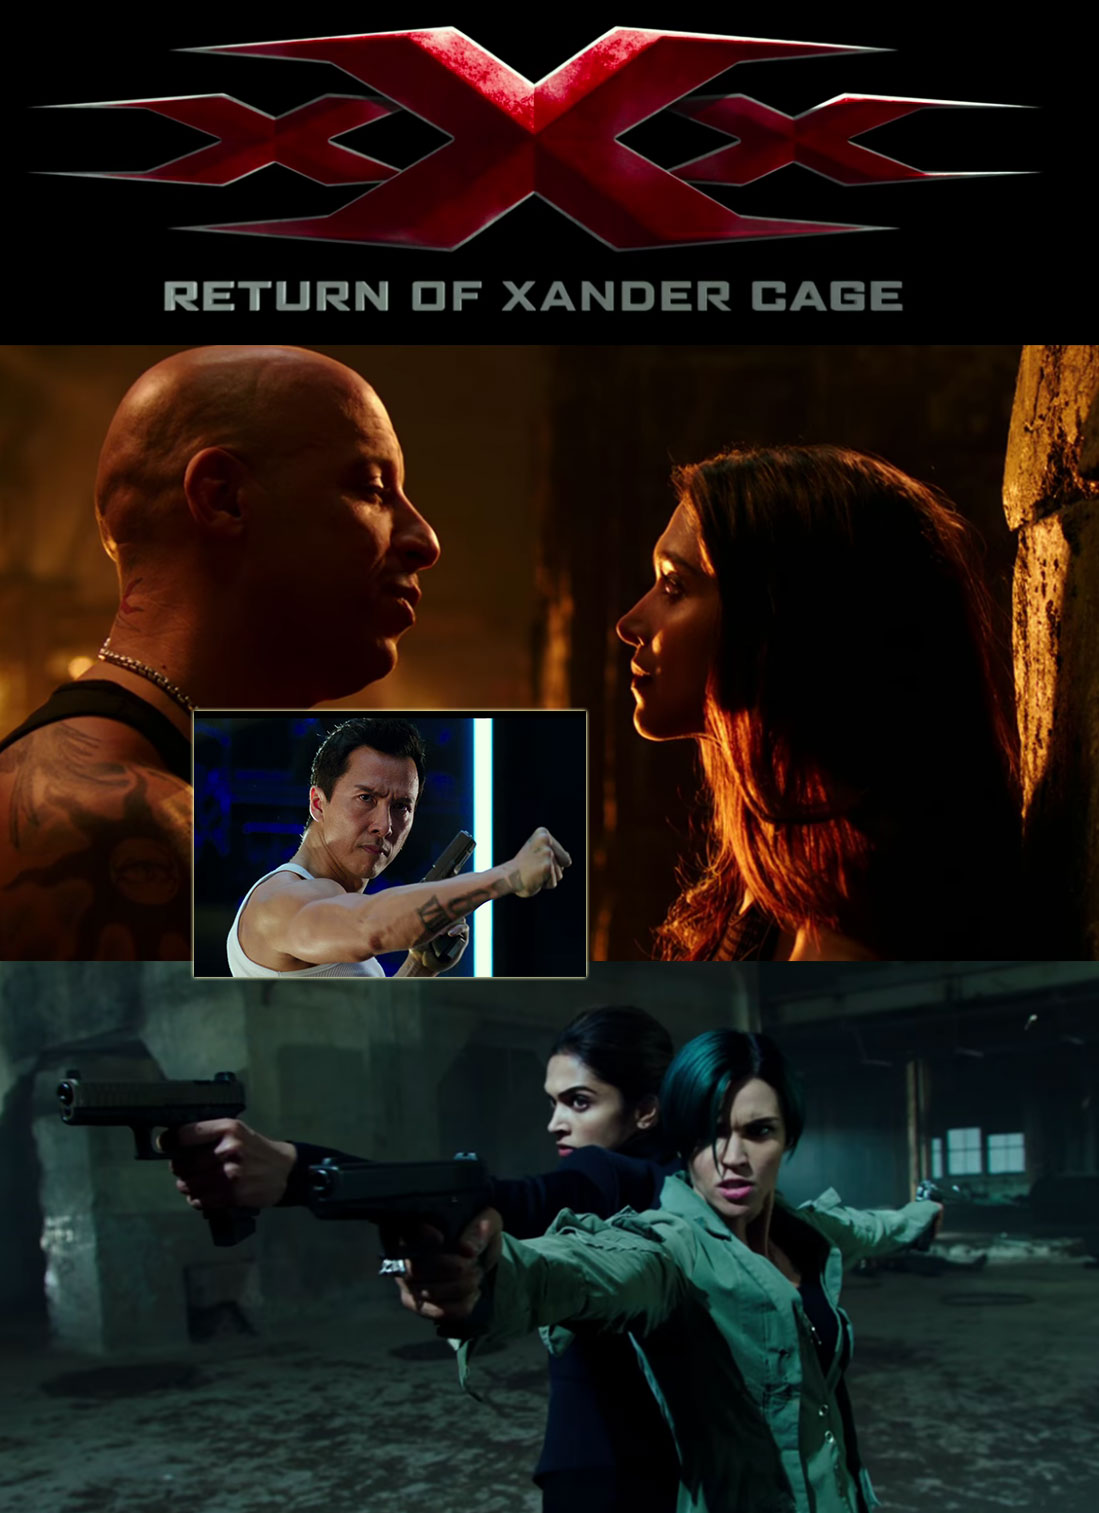 Recent Watch Xxx Return Of Xander Cage 2017 Absolutebadasses